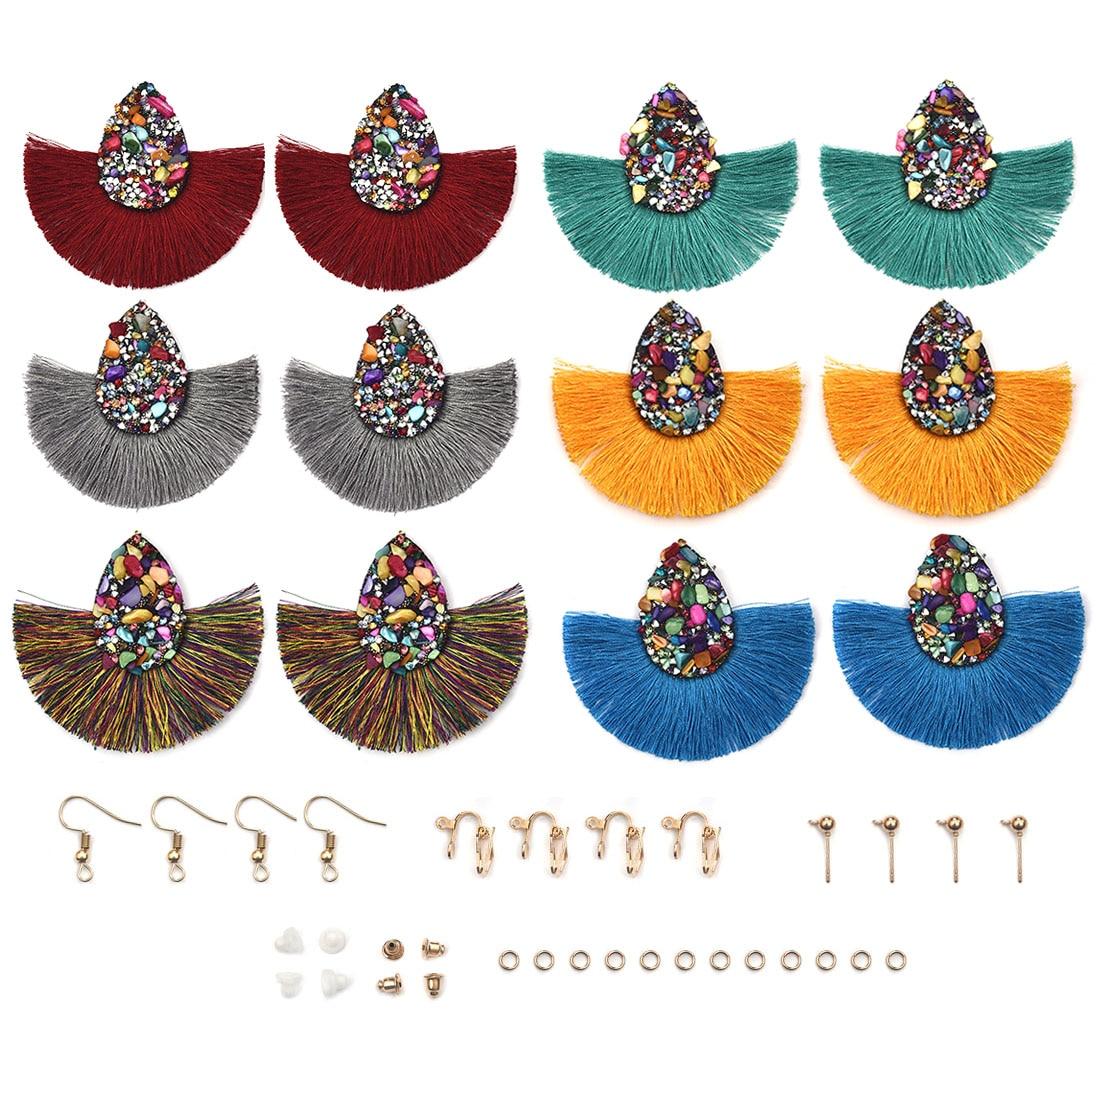 12pcs/Pack Bohemian Big Tassel Dangle Drop Earrings With Hooks For Jewelry Making Women Fringe Earrings Findings DIY Earring